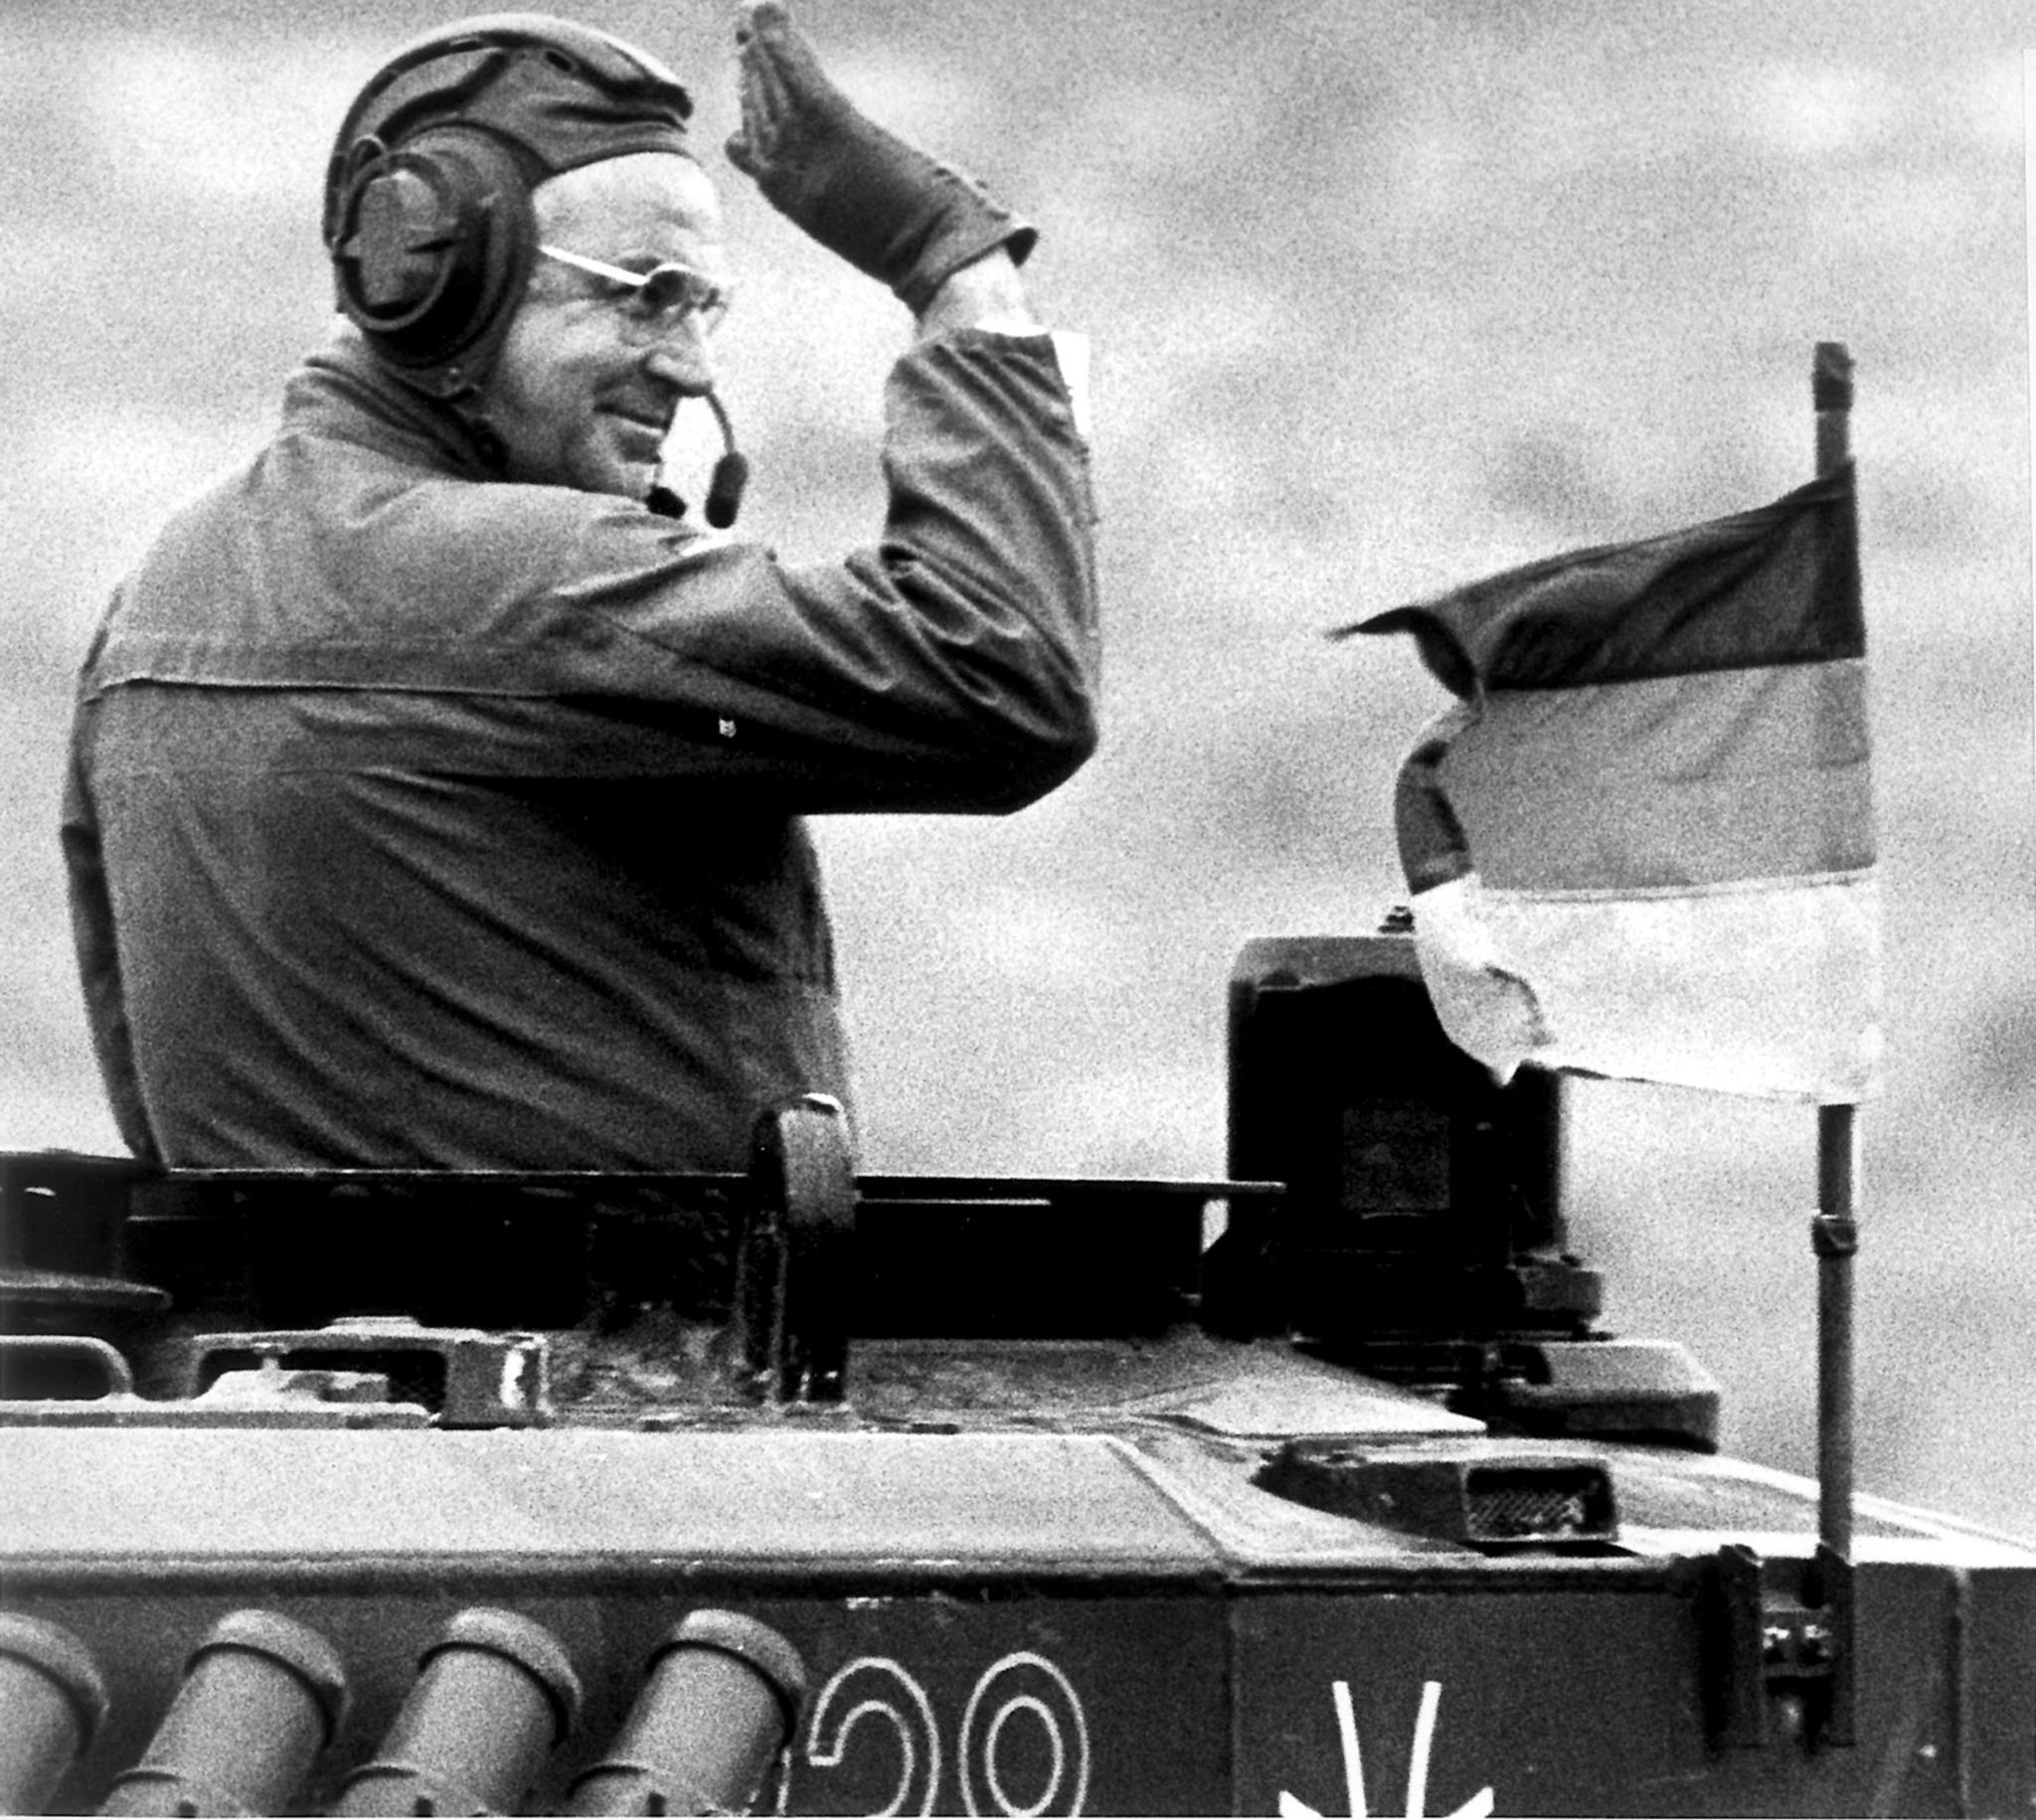 O chanceler alemão Helmut Kohl acena de um tanque durante uma visita às tropas alemãs e britânicas no norte da Alemanha, em 1986